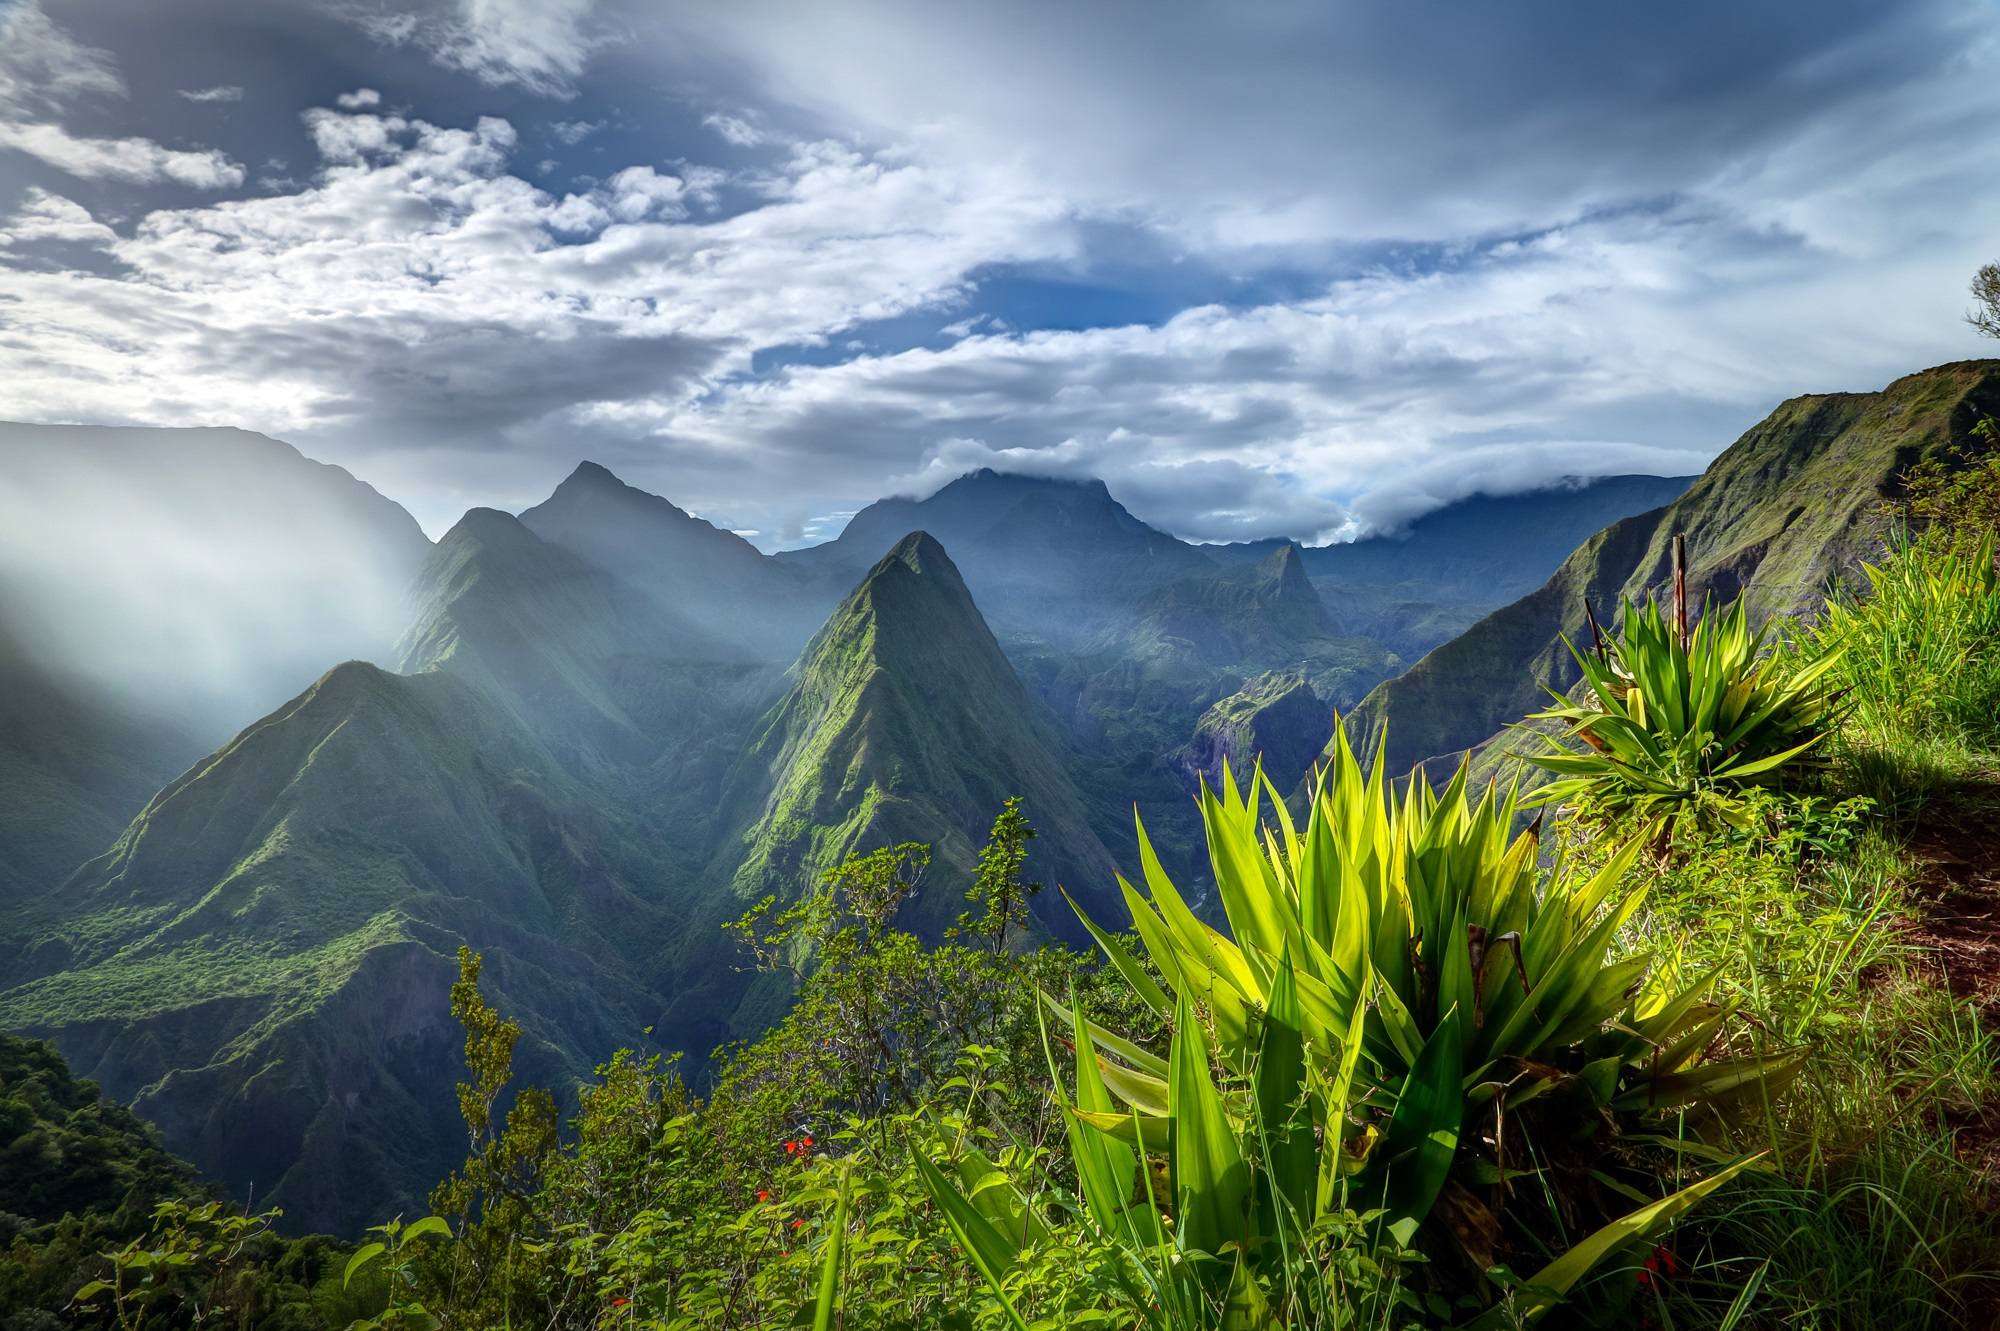 Voyages à la Réunion, Séjour et circuits et Autotours. Les Comptoirs du Monde, agence de voyage pour individuels et groupes